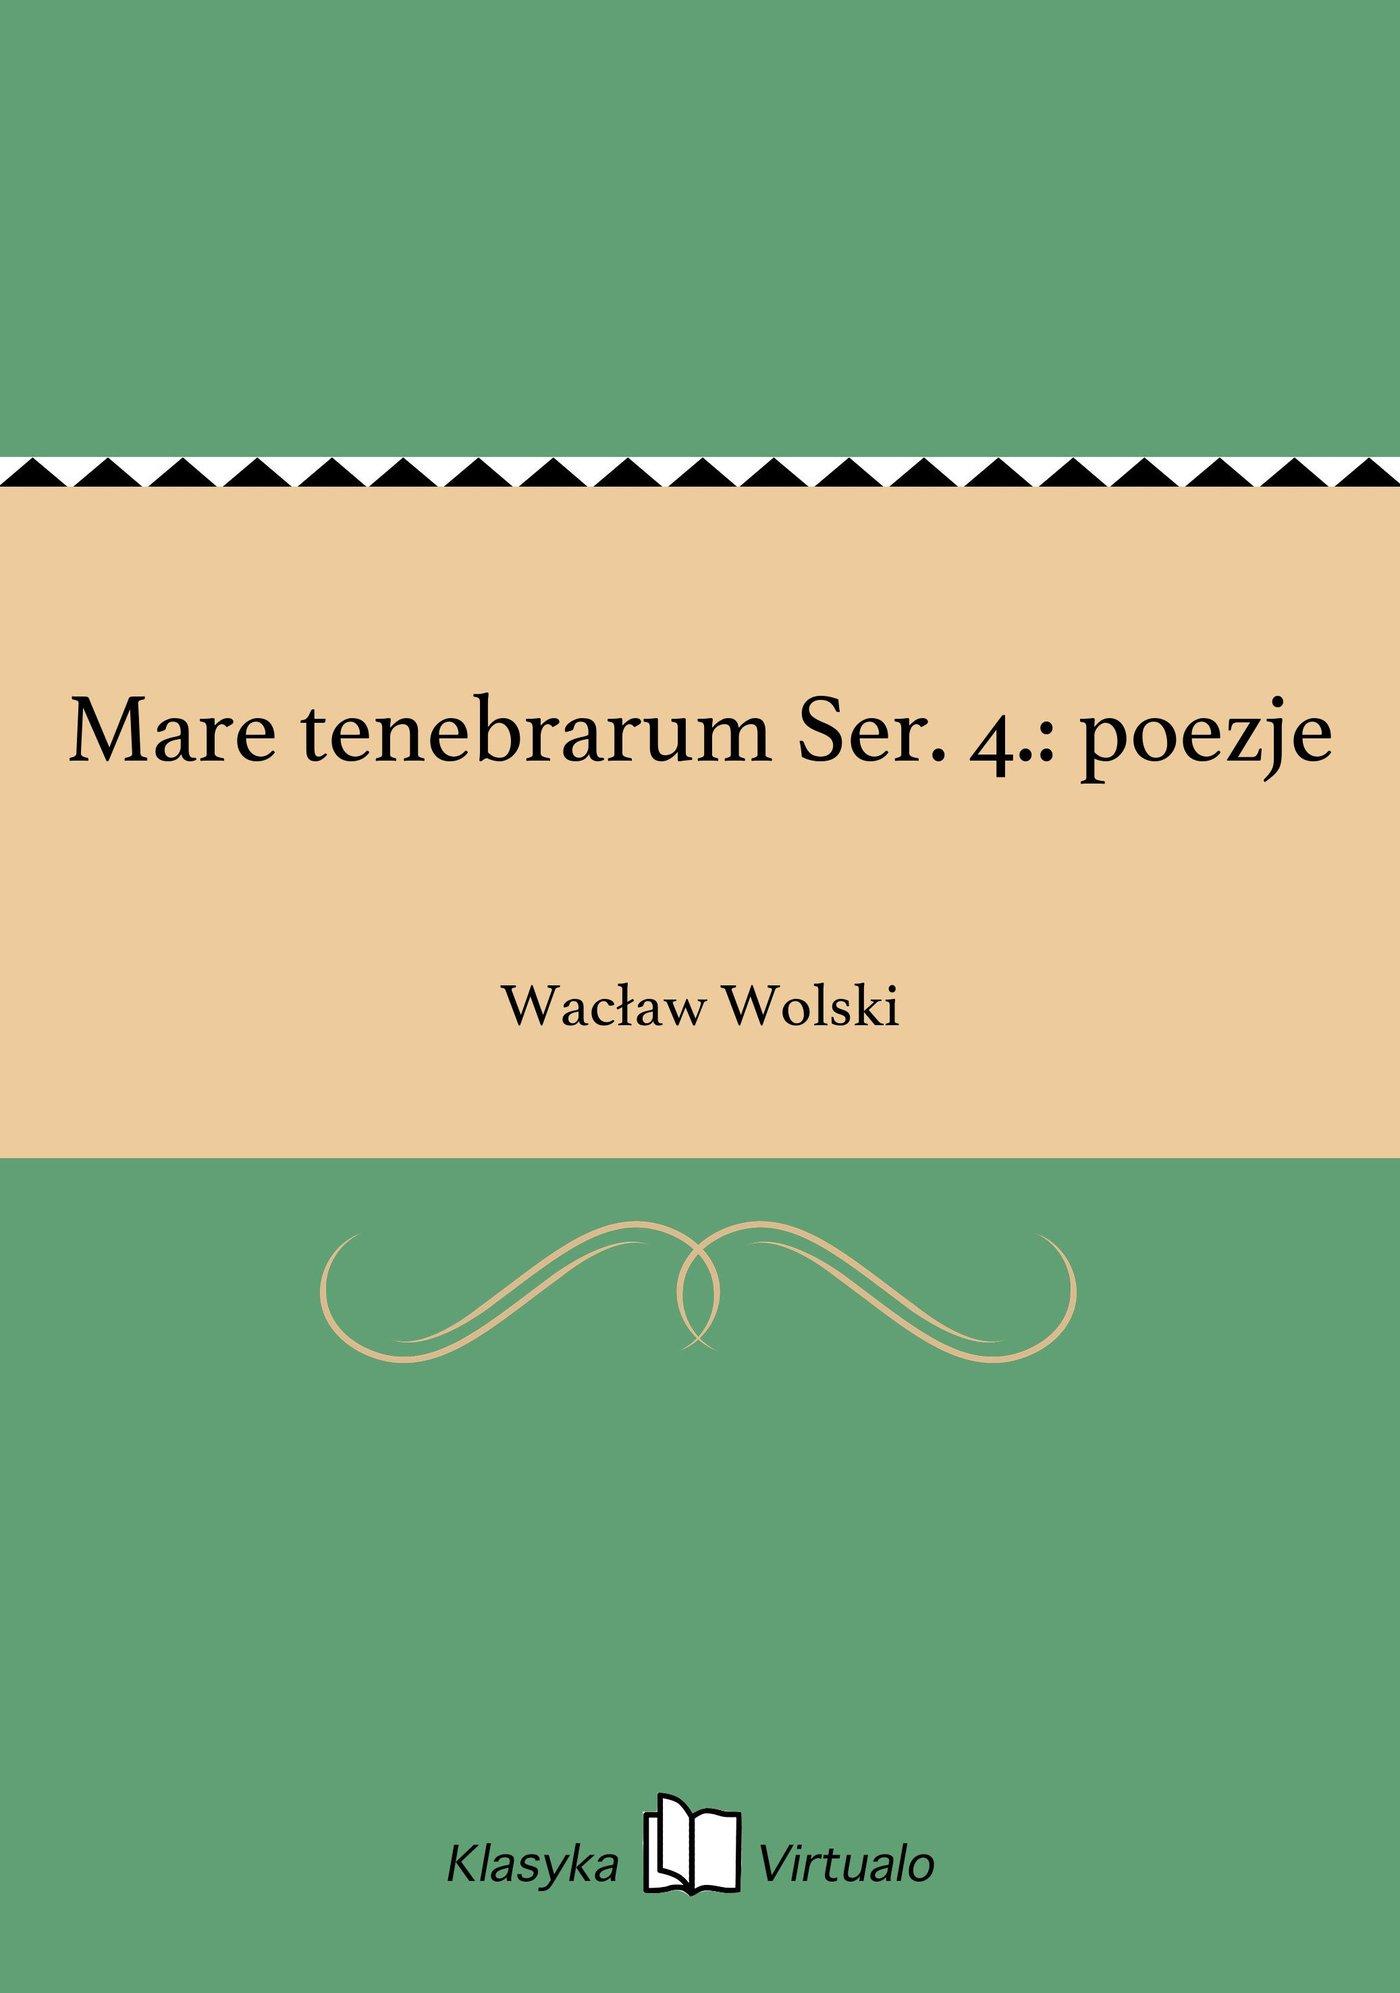 Mare tenebrarum Ser. 4.: poezje - Ebook (Książka EPUB) do pobrania w formacie EPUB